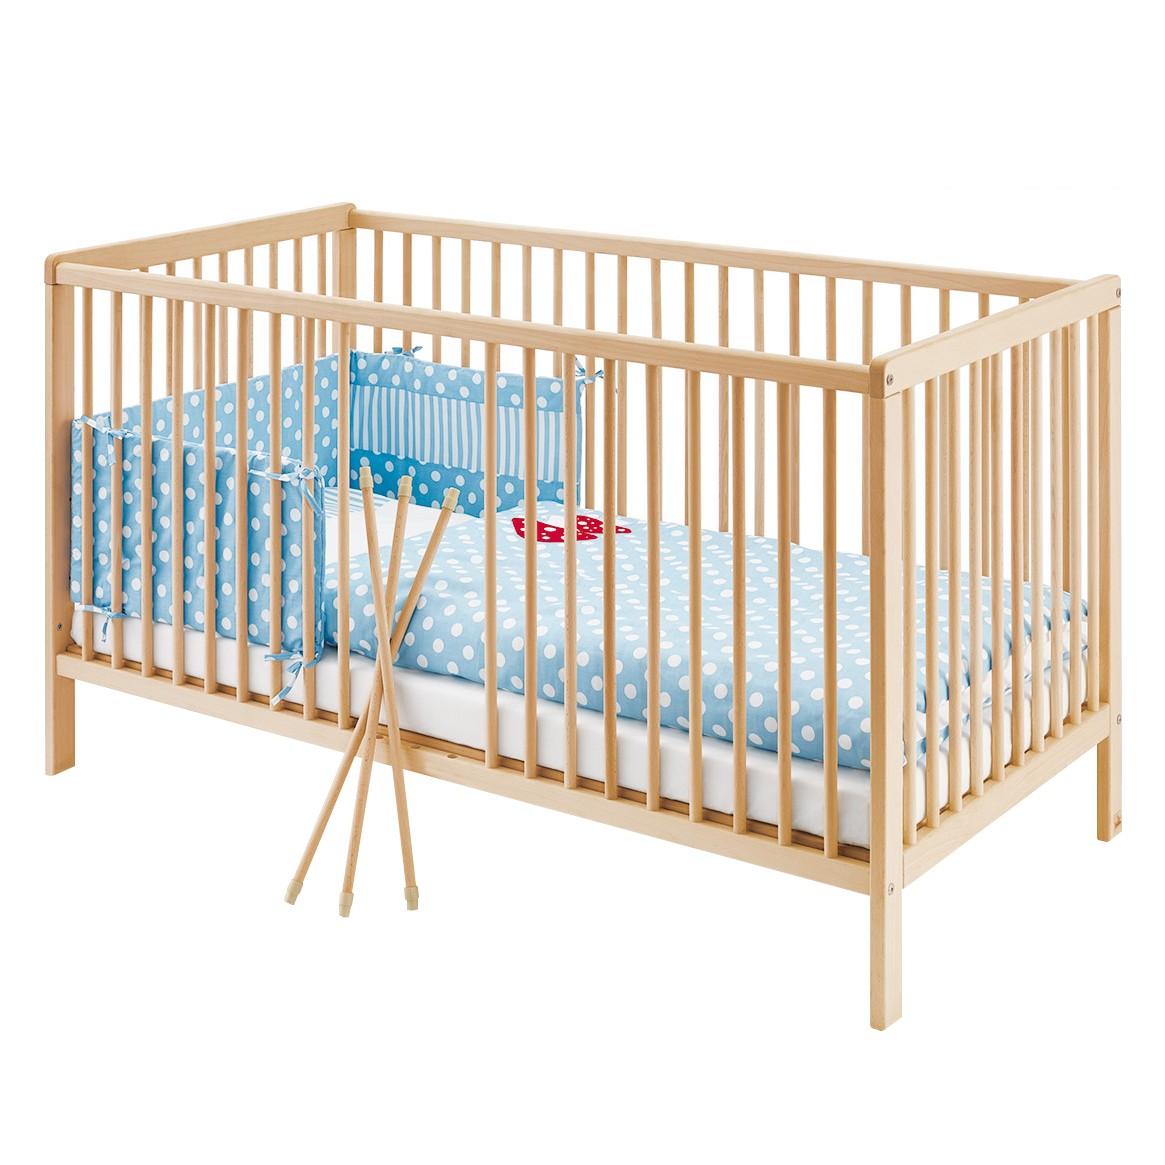 babybett massiv preisvergleich die besten angebote. Black Bedroom Furniture Sets. Home Design Ideas